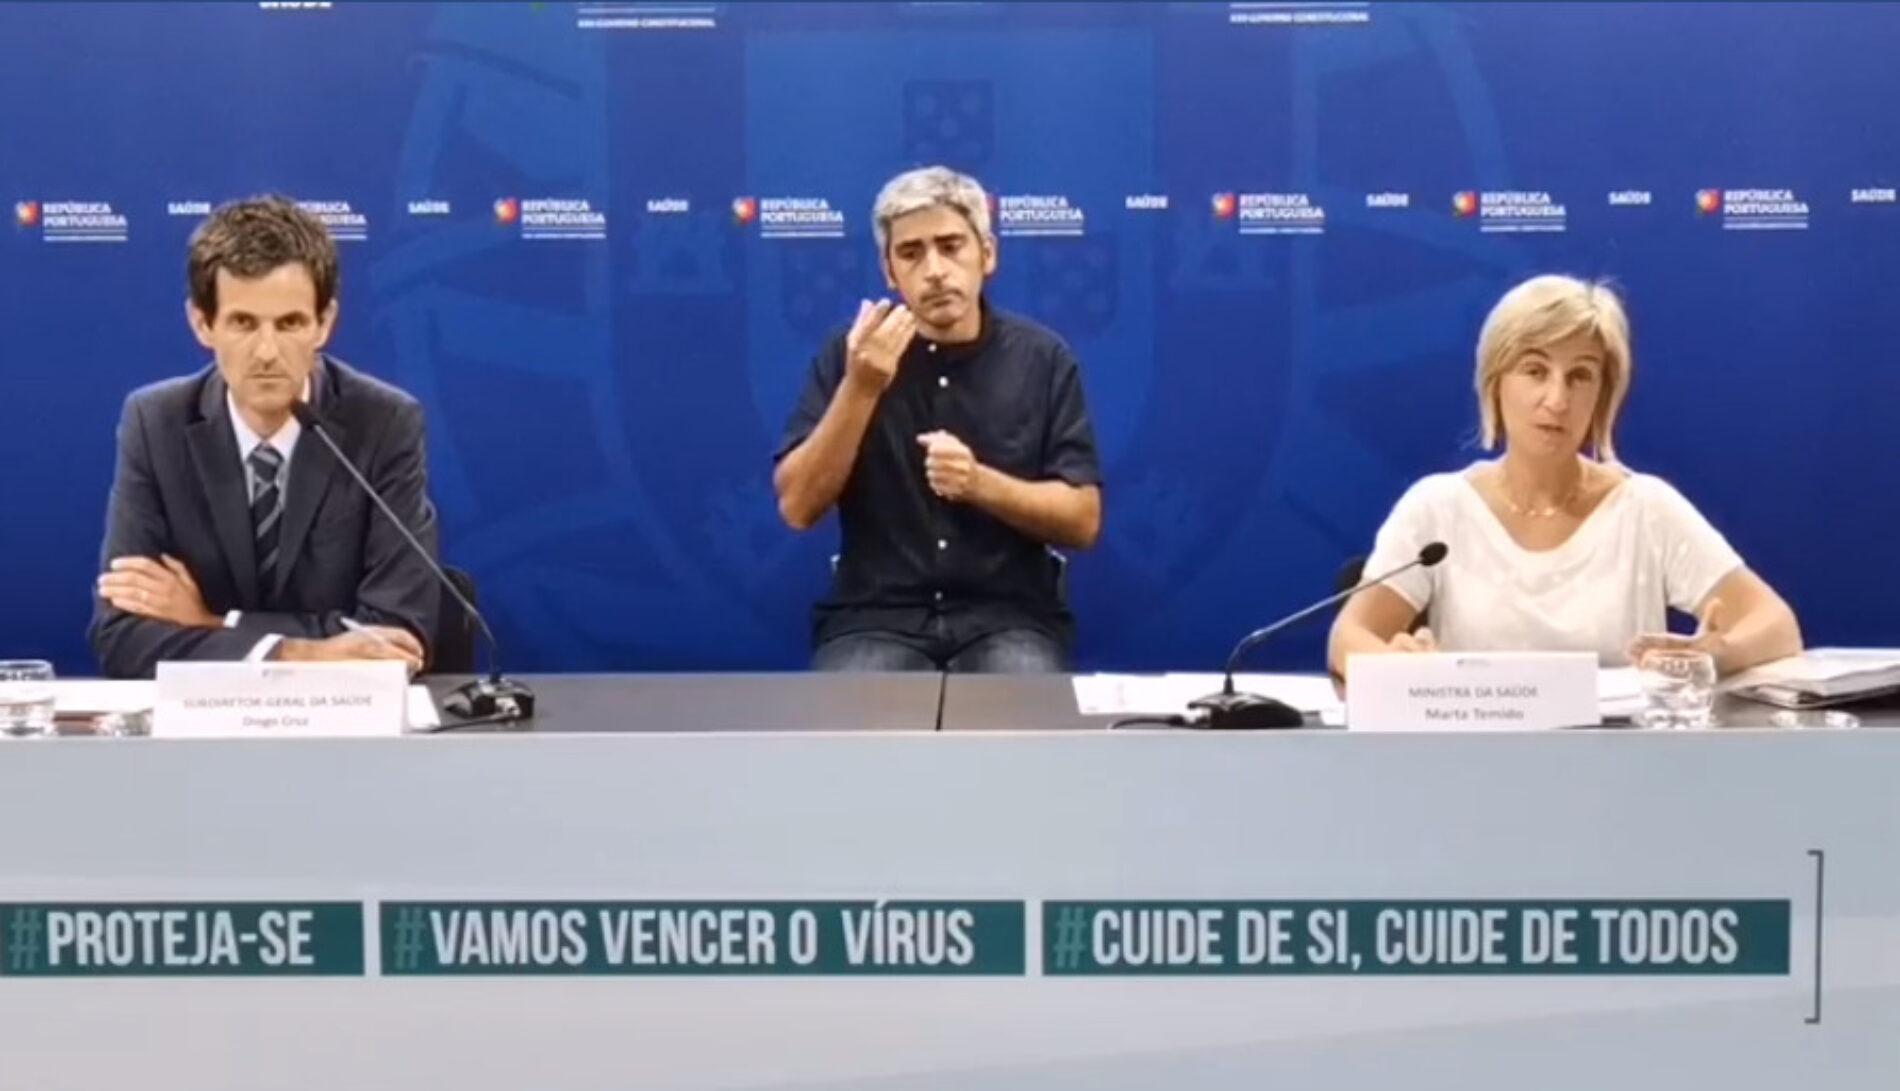 Covid-19: Há 198 surtos ativos em Portugal. 127 são na região de Lisboa